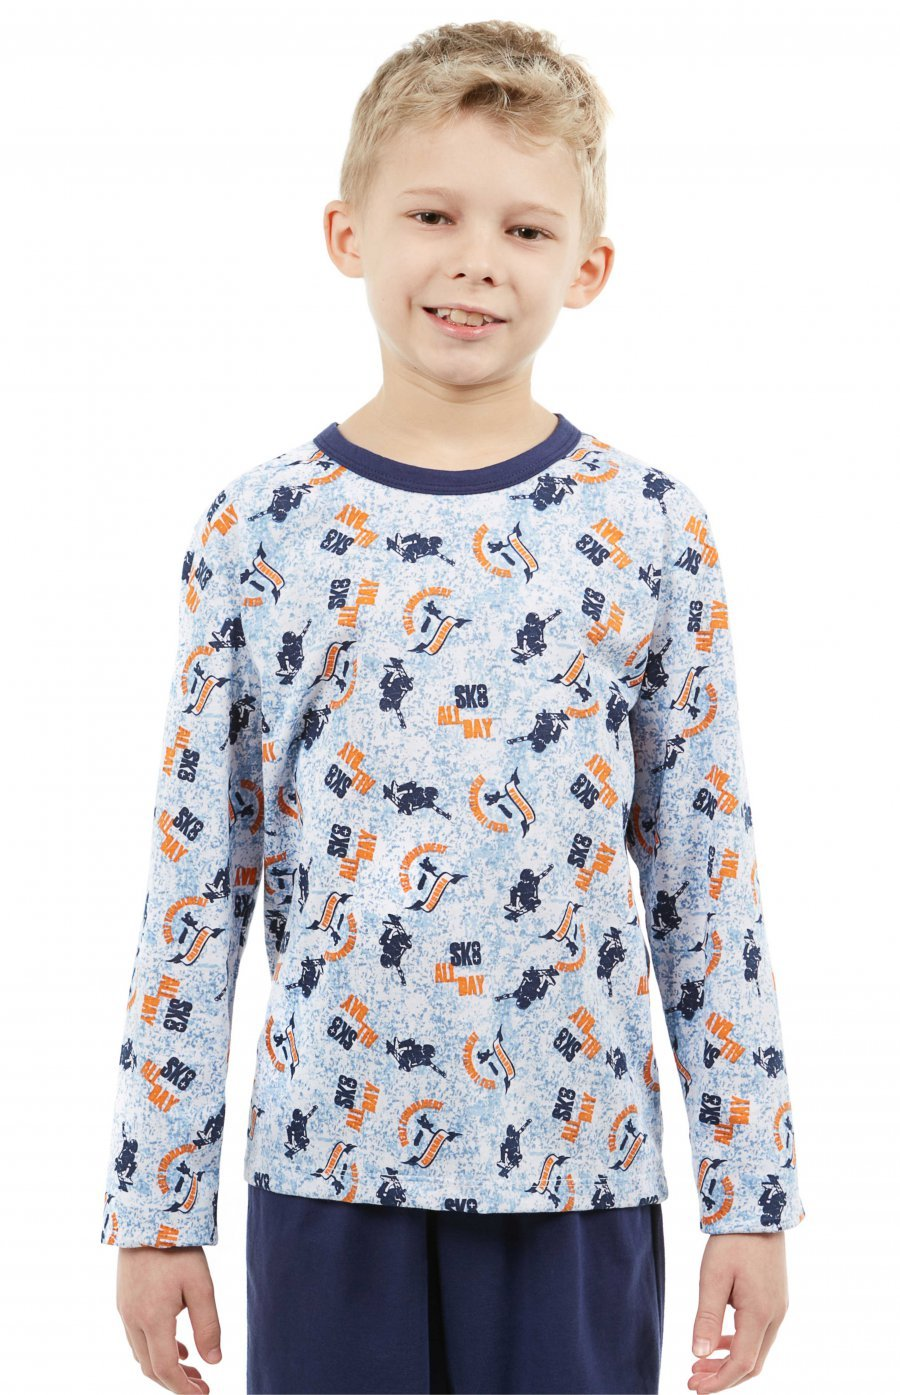 LANÇAMENTO Pijama Infantil 1/2 Malha Kids Fun ESPECIAL DIA DOS PAIS Inverno 2020